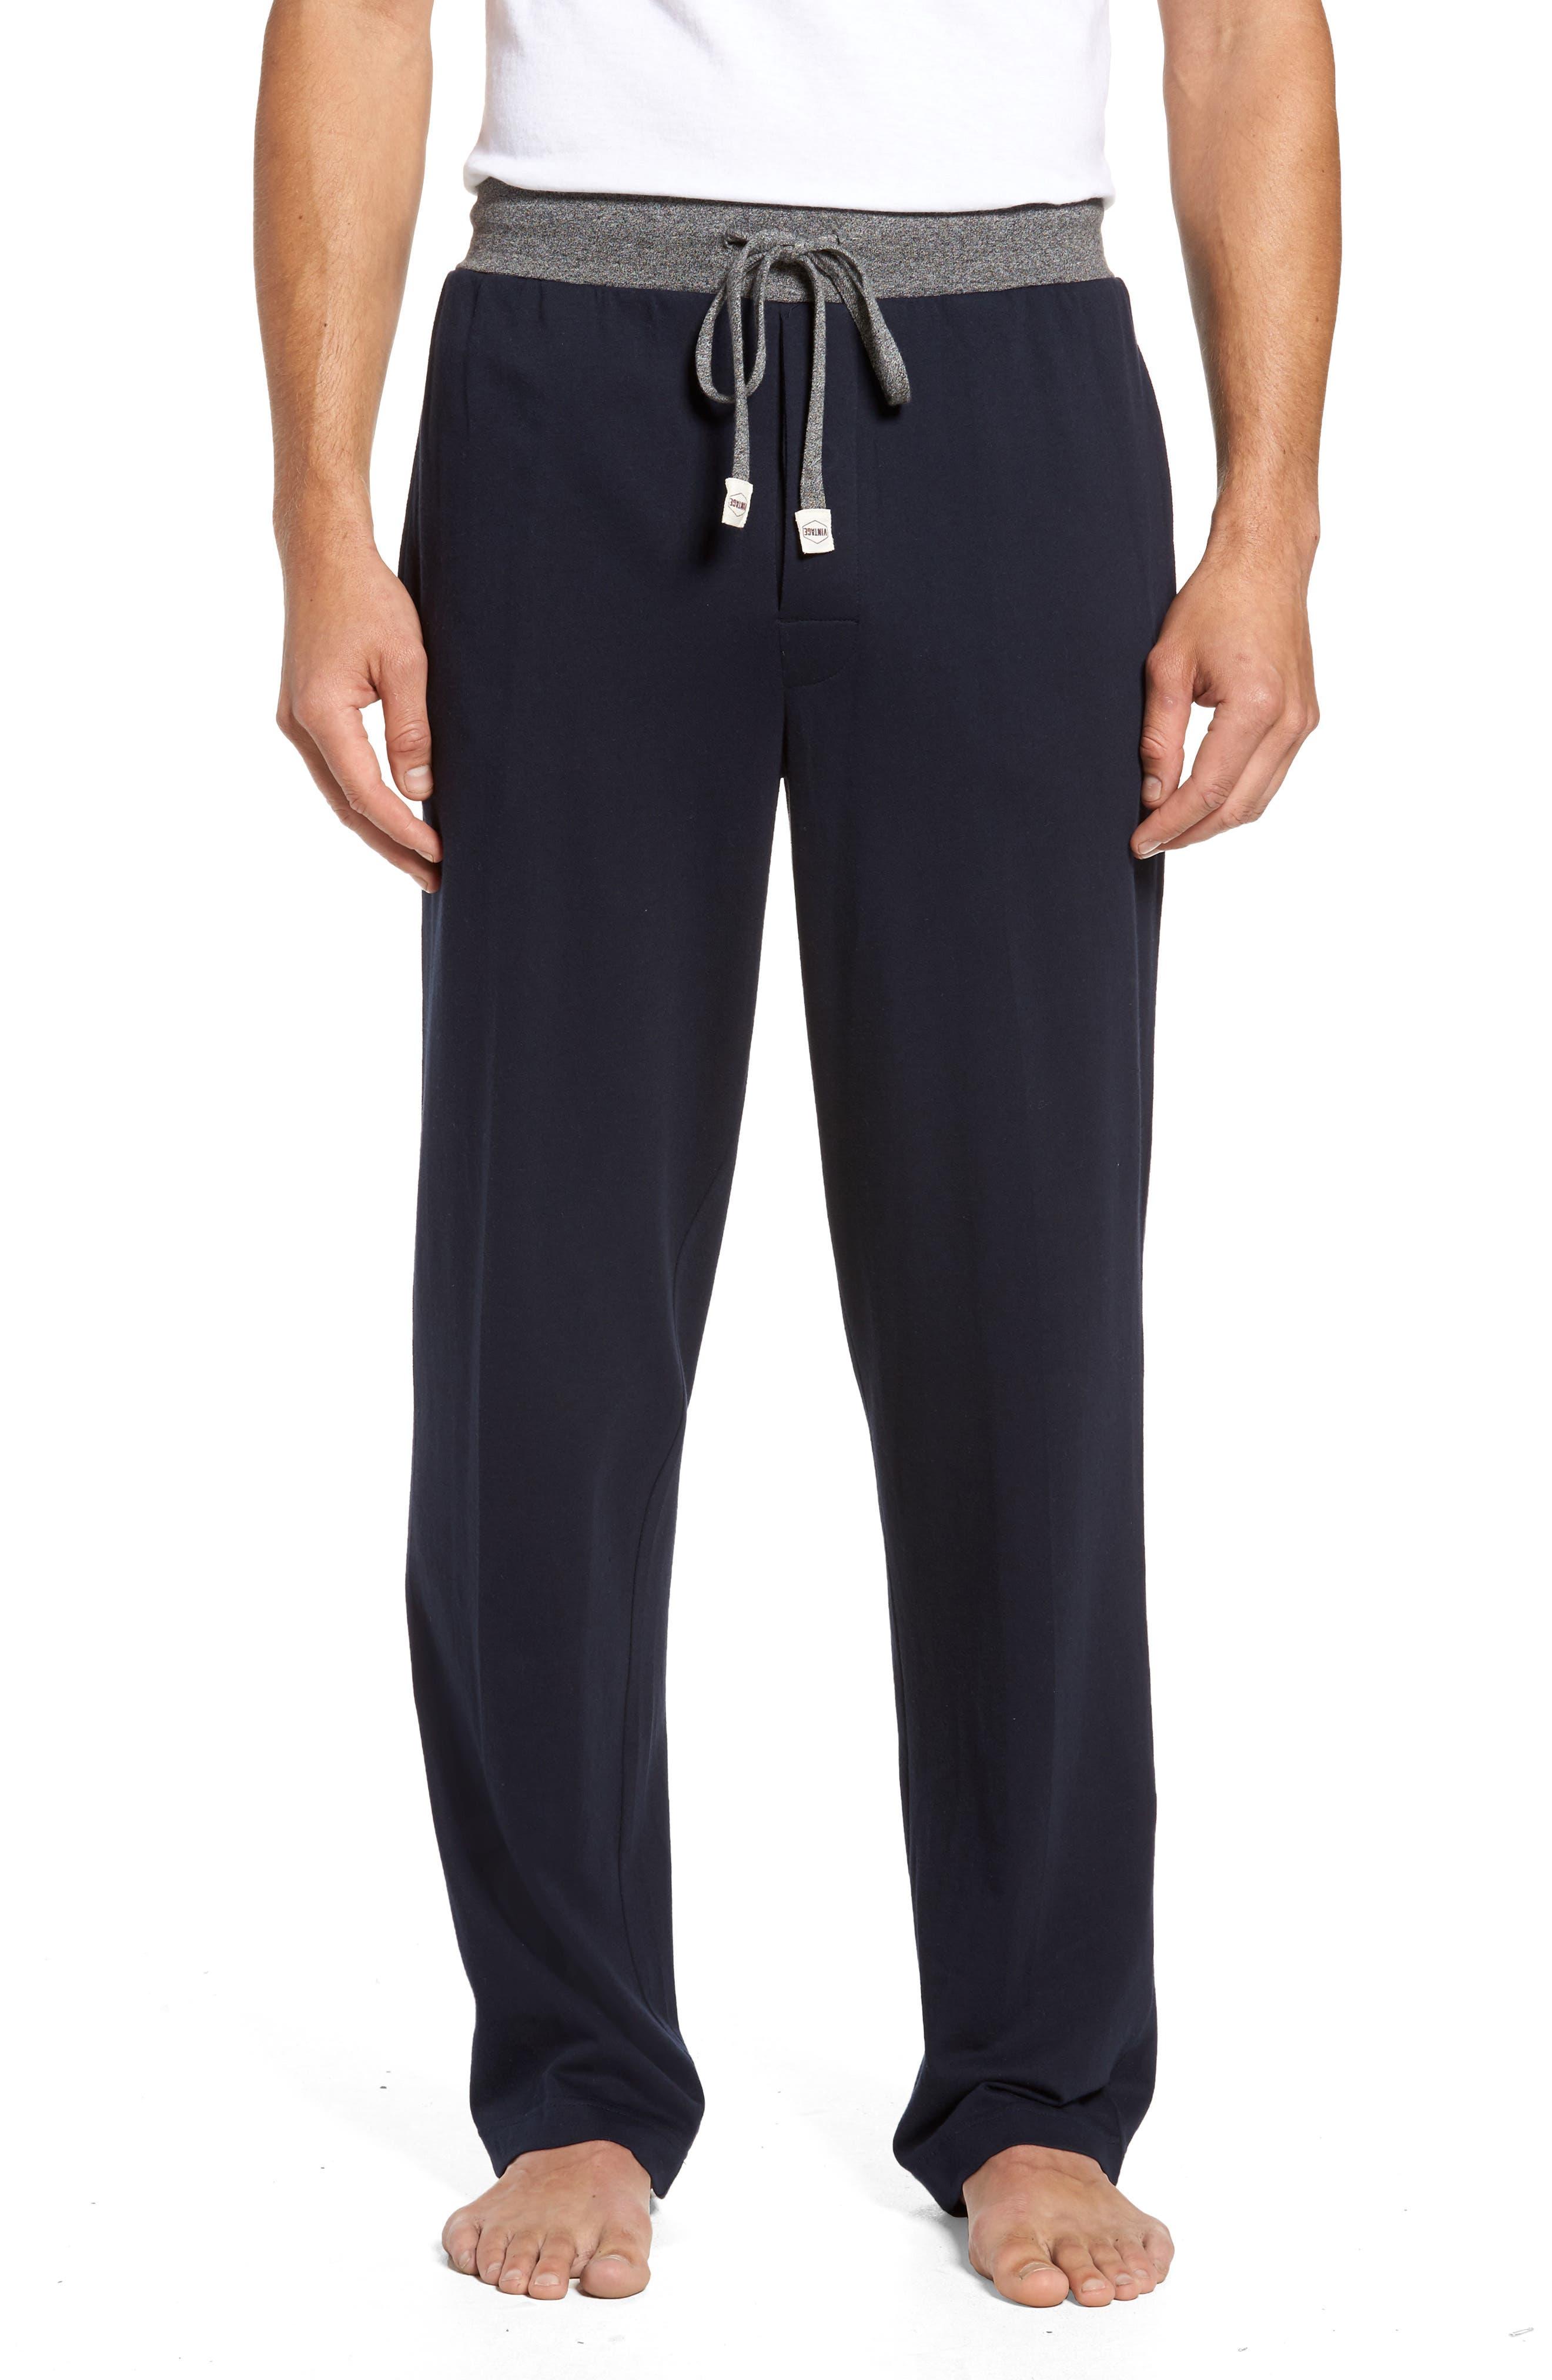 Main Image - Majestic International Trey Knit Lounge Pants